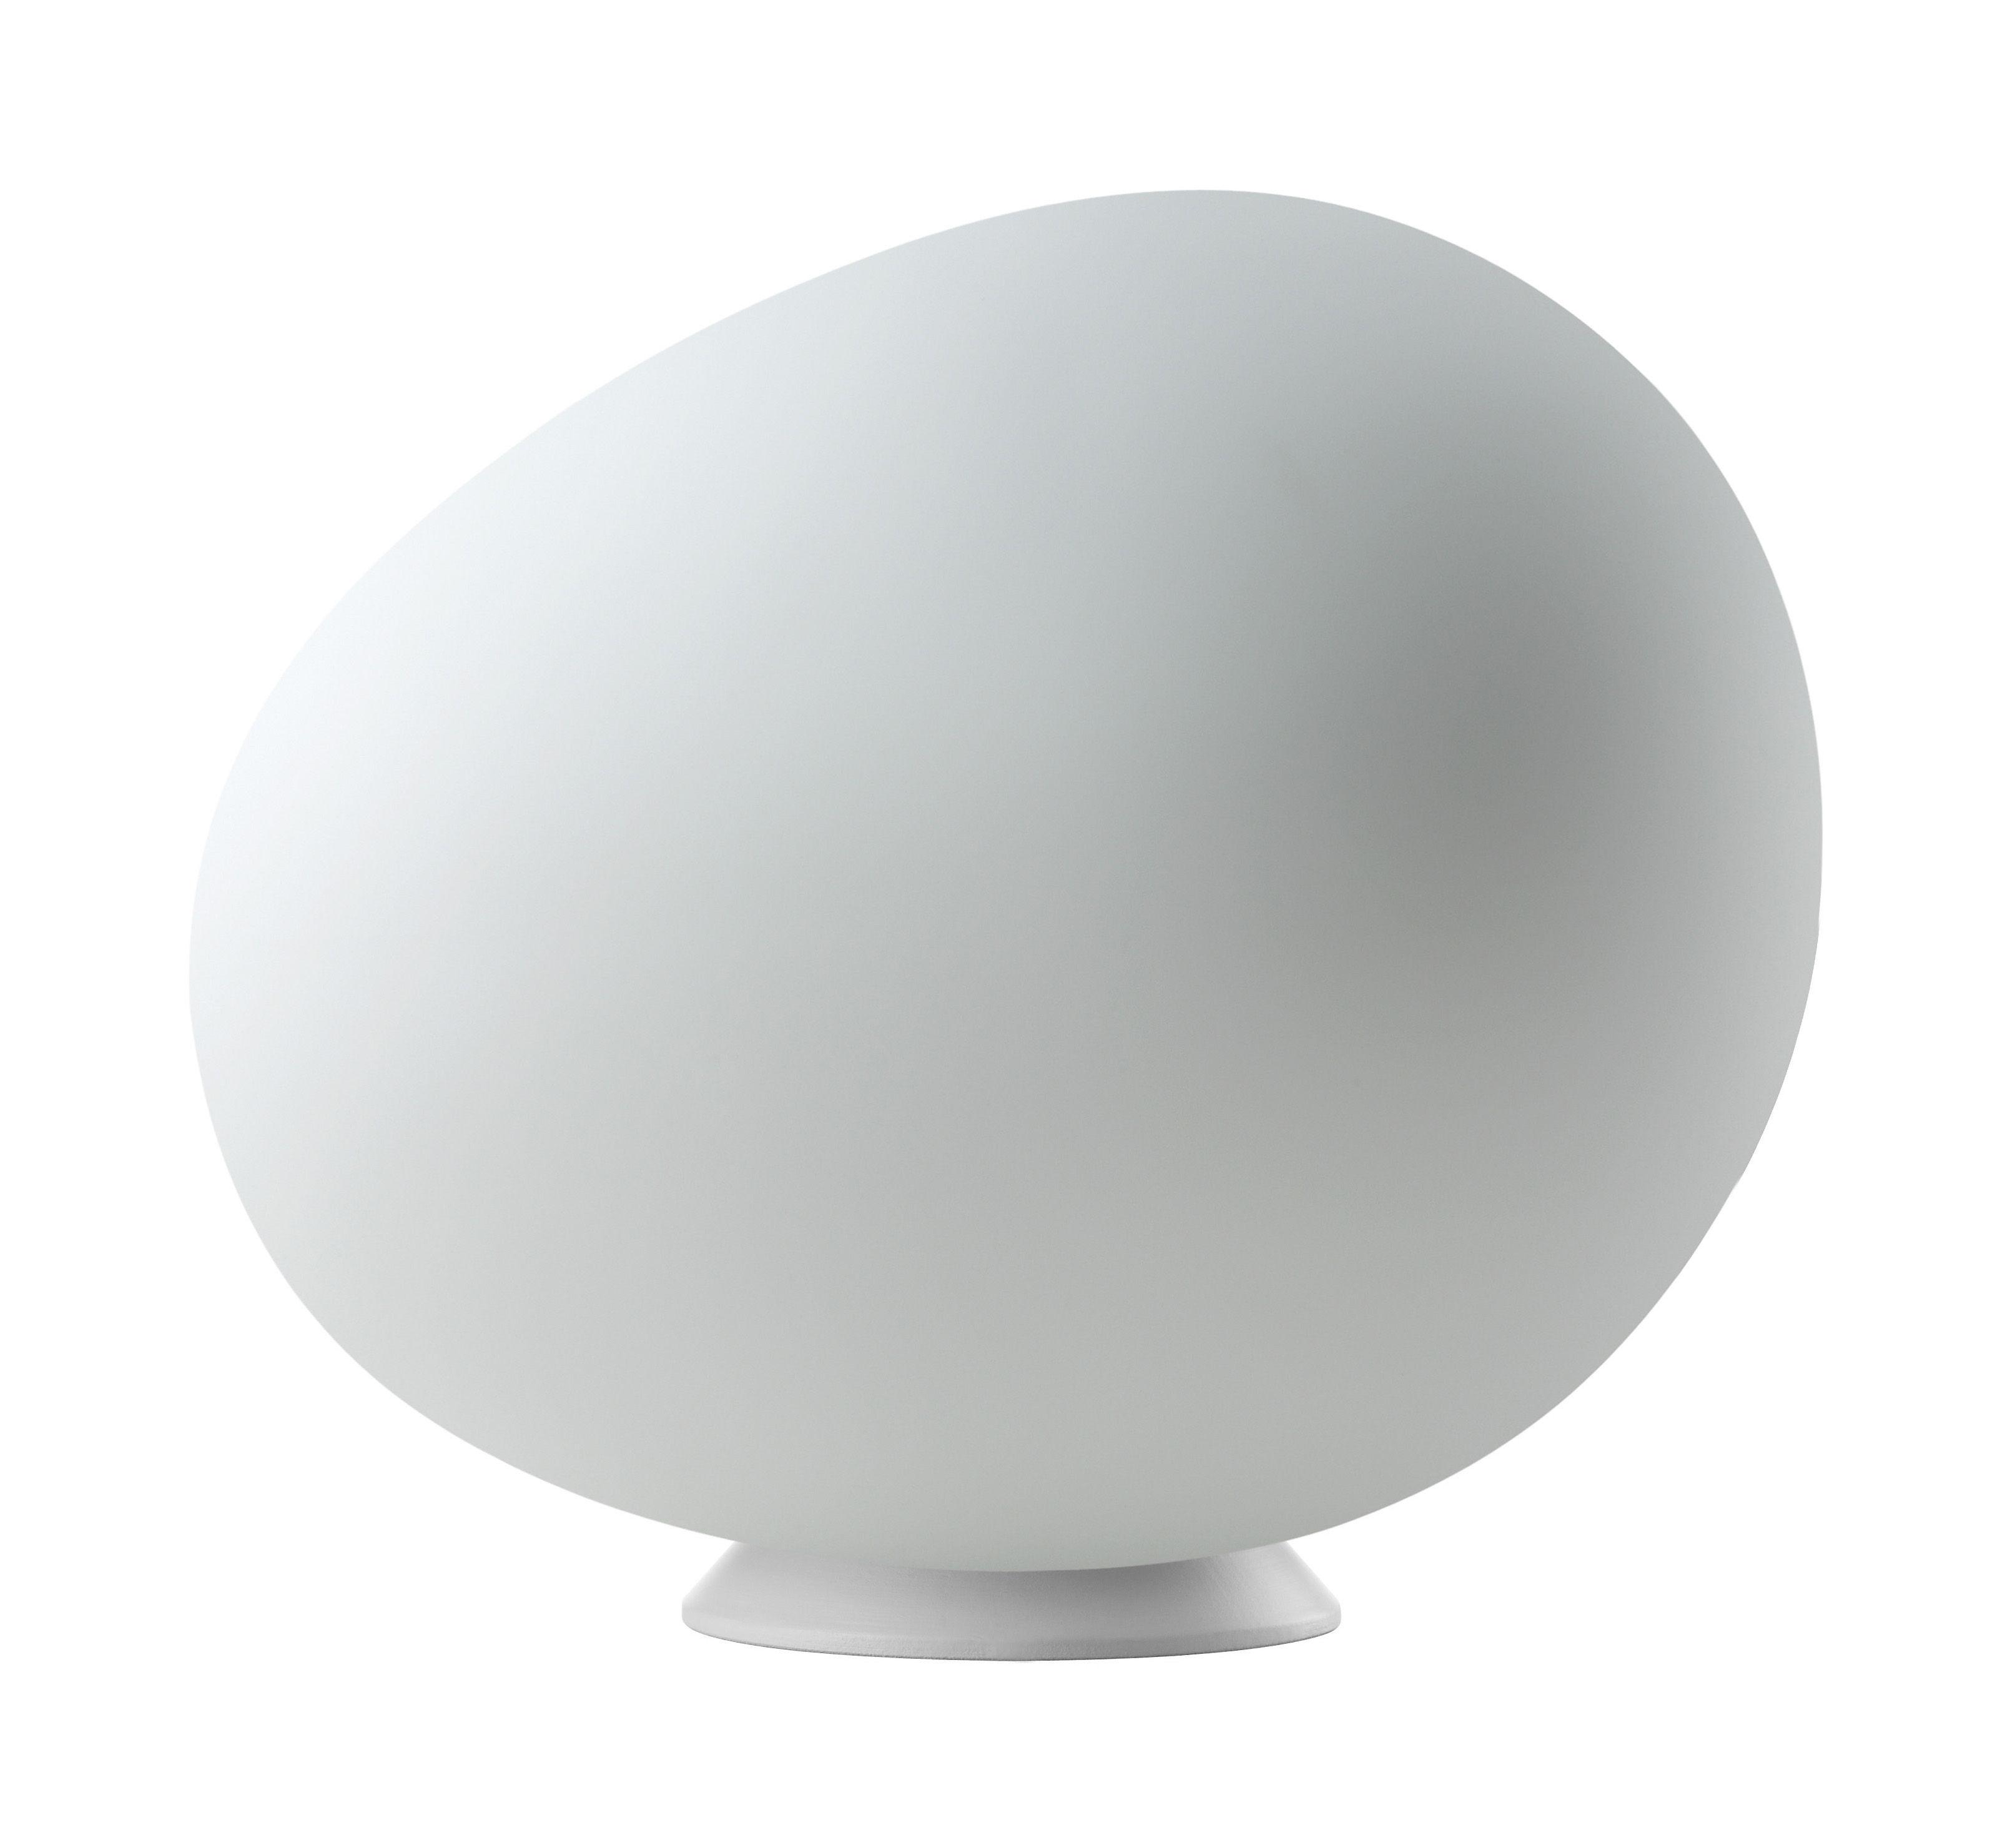 Luminaire - Lampes de table - Lampe de table Gregg Piccola / Version outdoor - Foscarini - L 31 cm / Blanc - Acier inoxydable, Polyéthylène